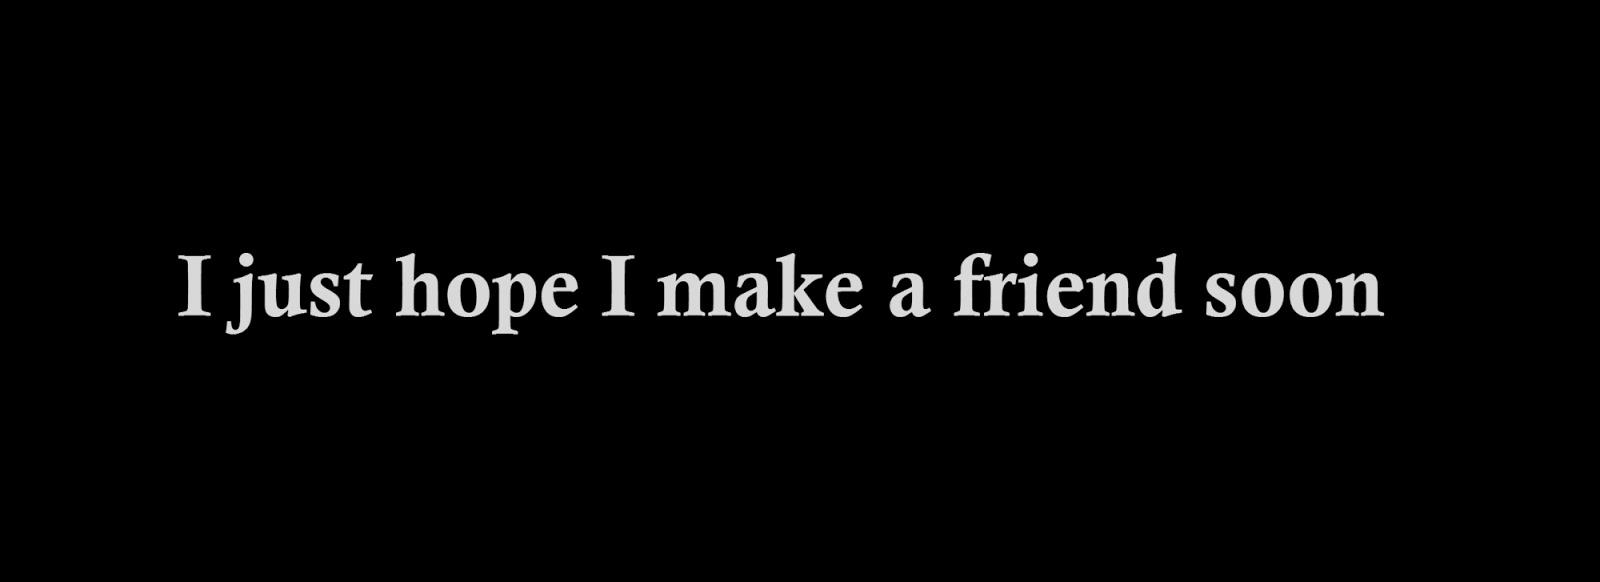 I just hope I make a friend soon